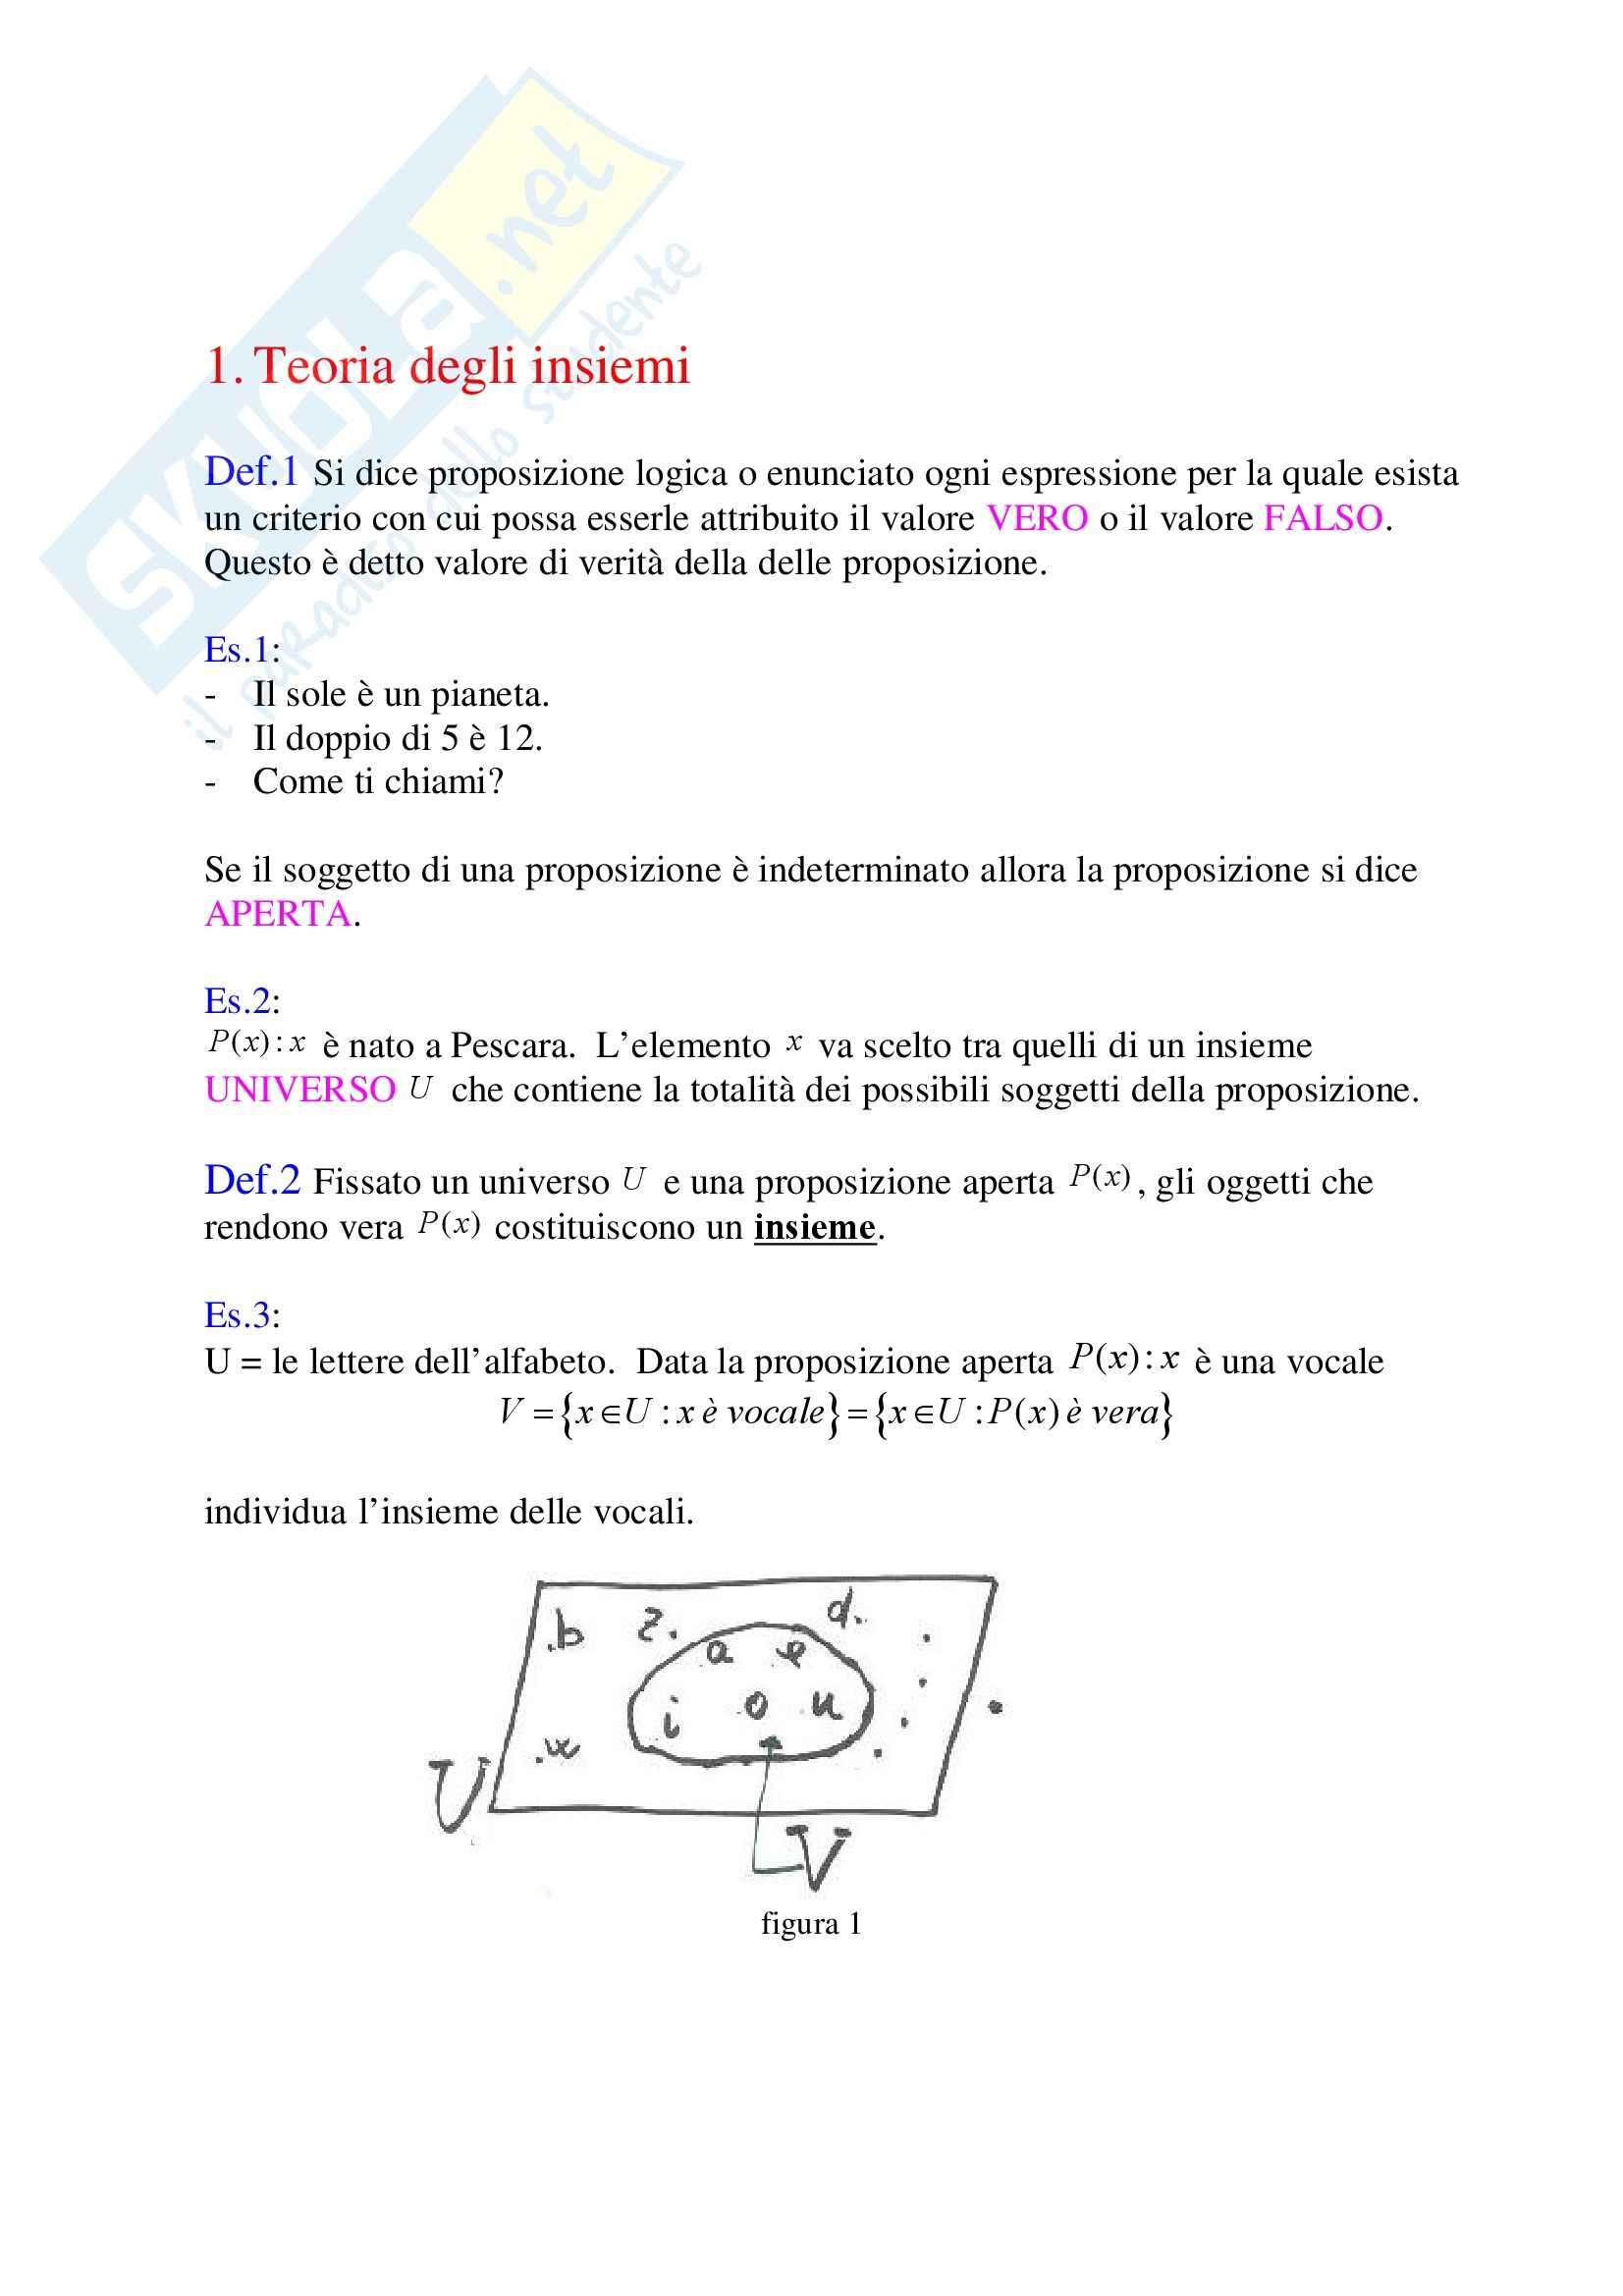 Statistica - Teoria Degli Insiemi